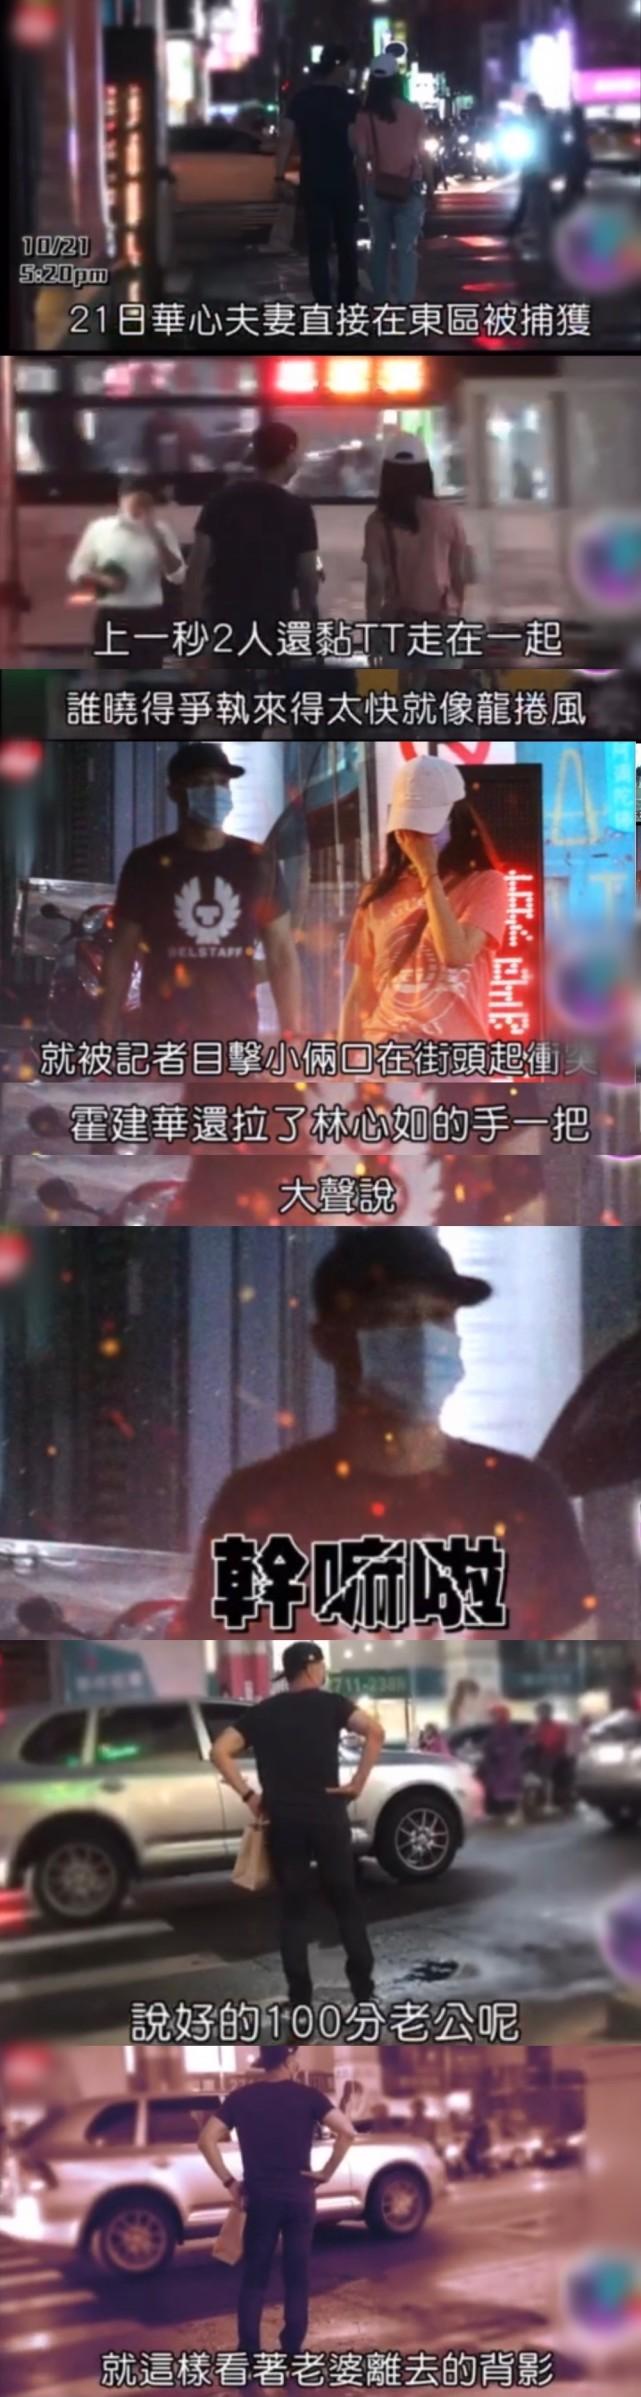 臺媒曝霍建華夫婦街頭吵架, 林心如傷心流淚, 本尊回應: 討論事情意見不同-圖6